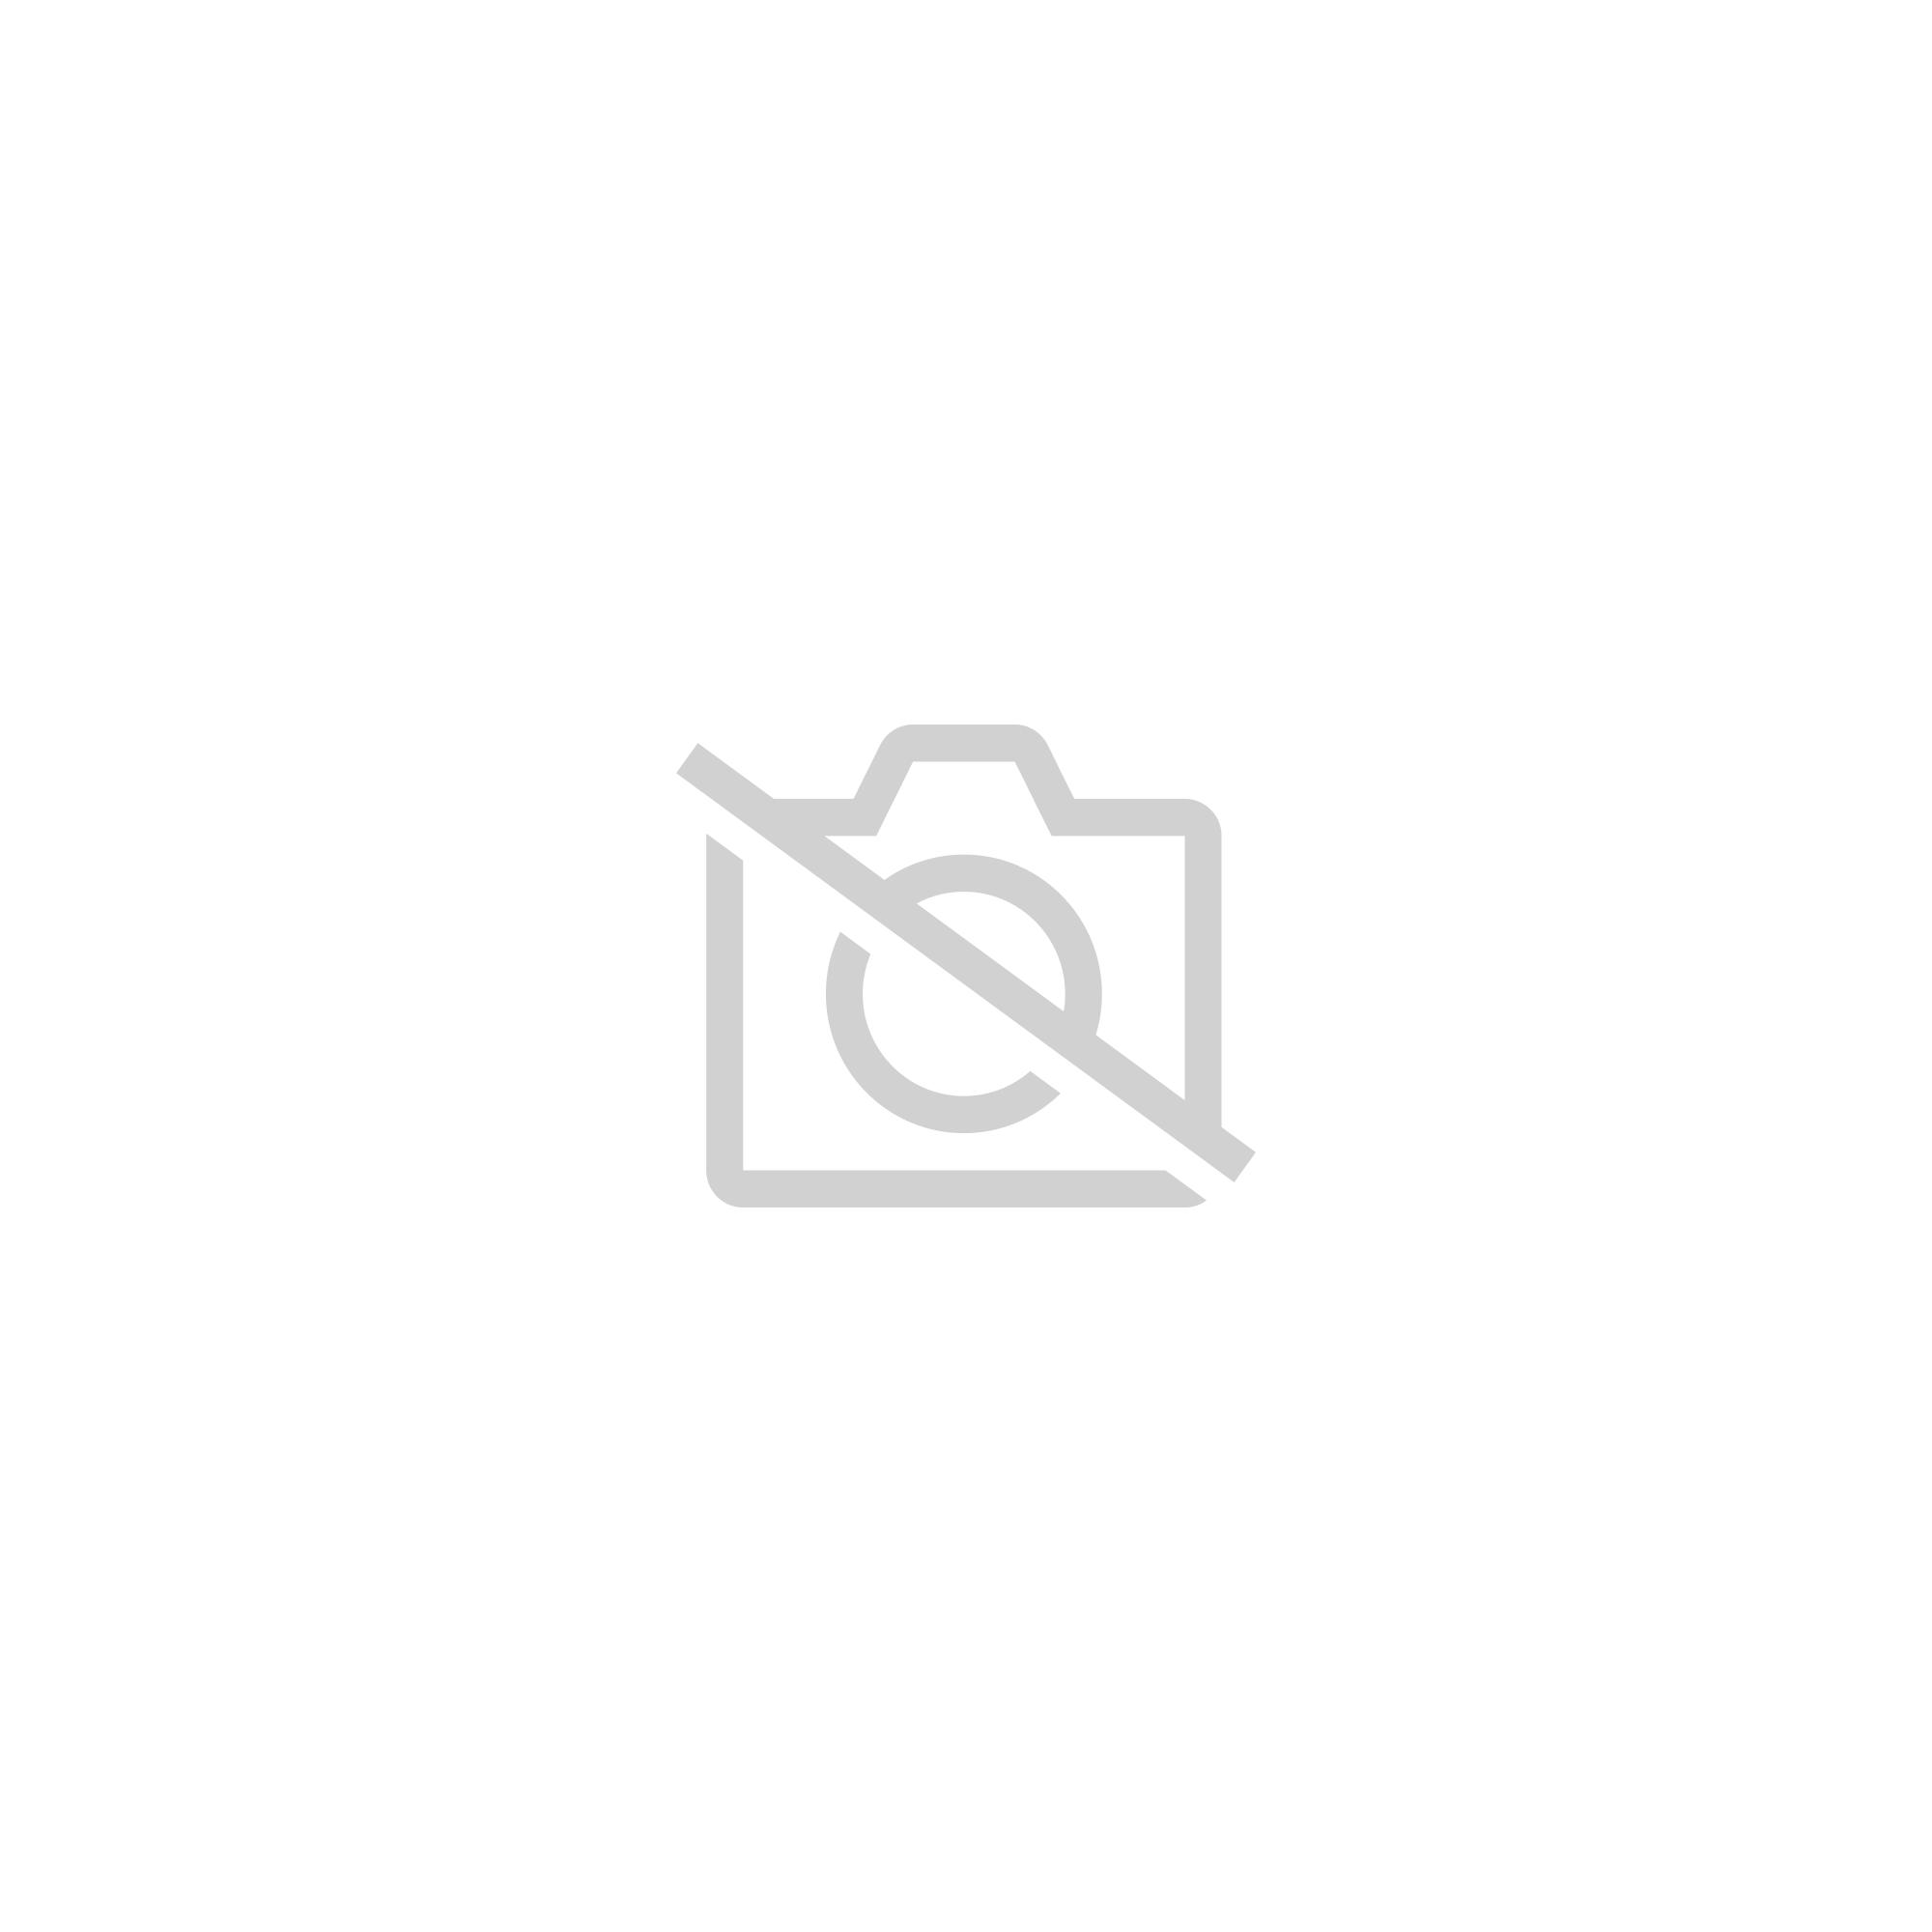 Tomy oui oui dans sa voiture tout en tissu achat et vente - Oui oui et sa voiture ...